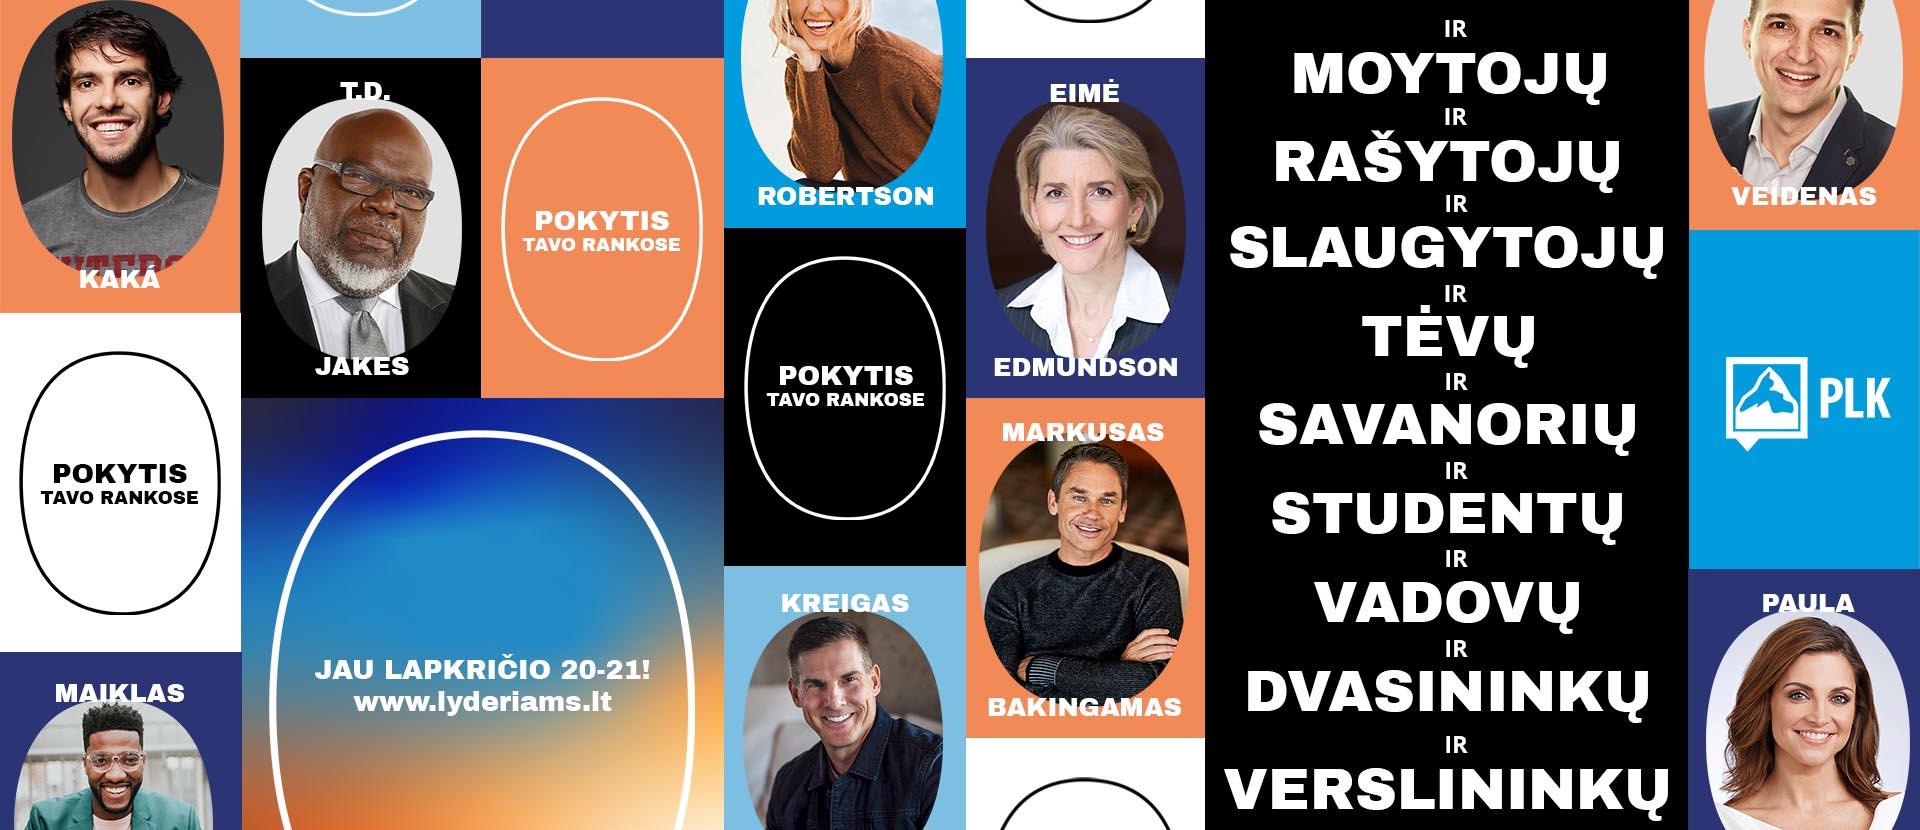 Pasaulinė lyderystės konferencija online 2020